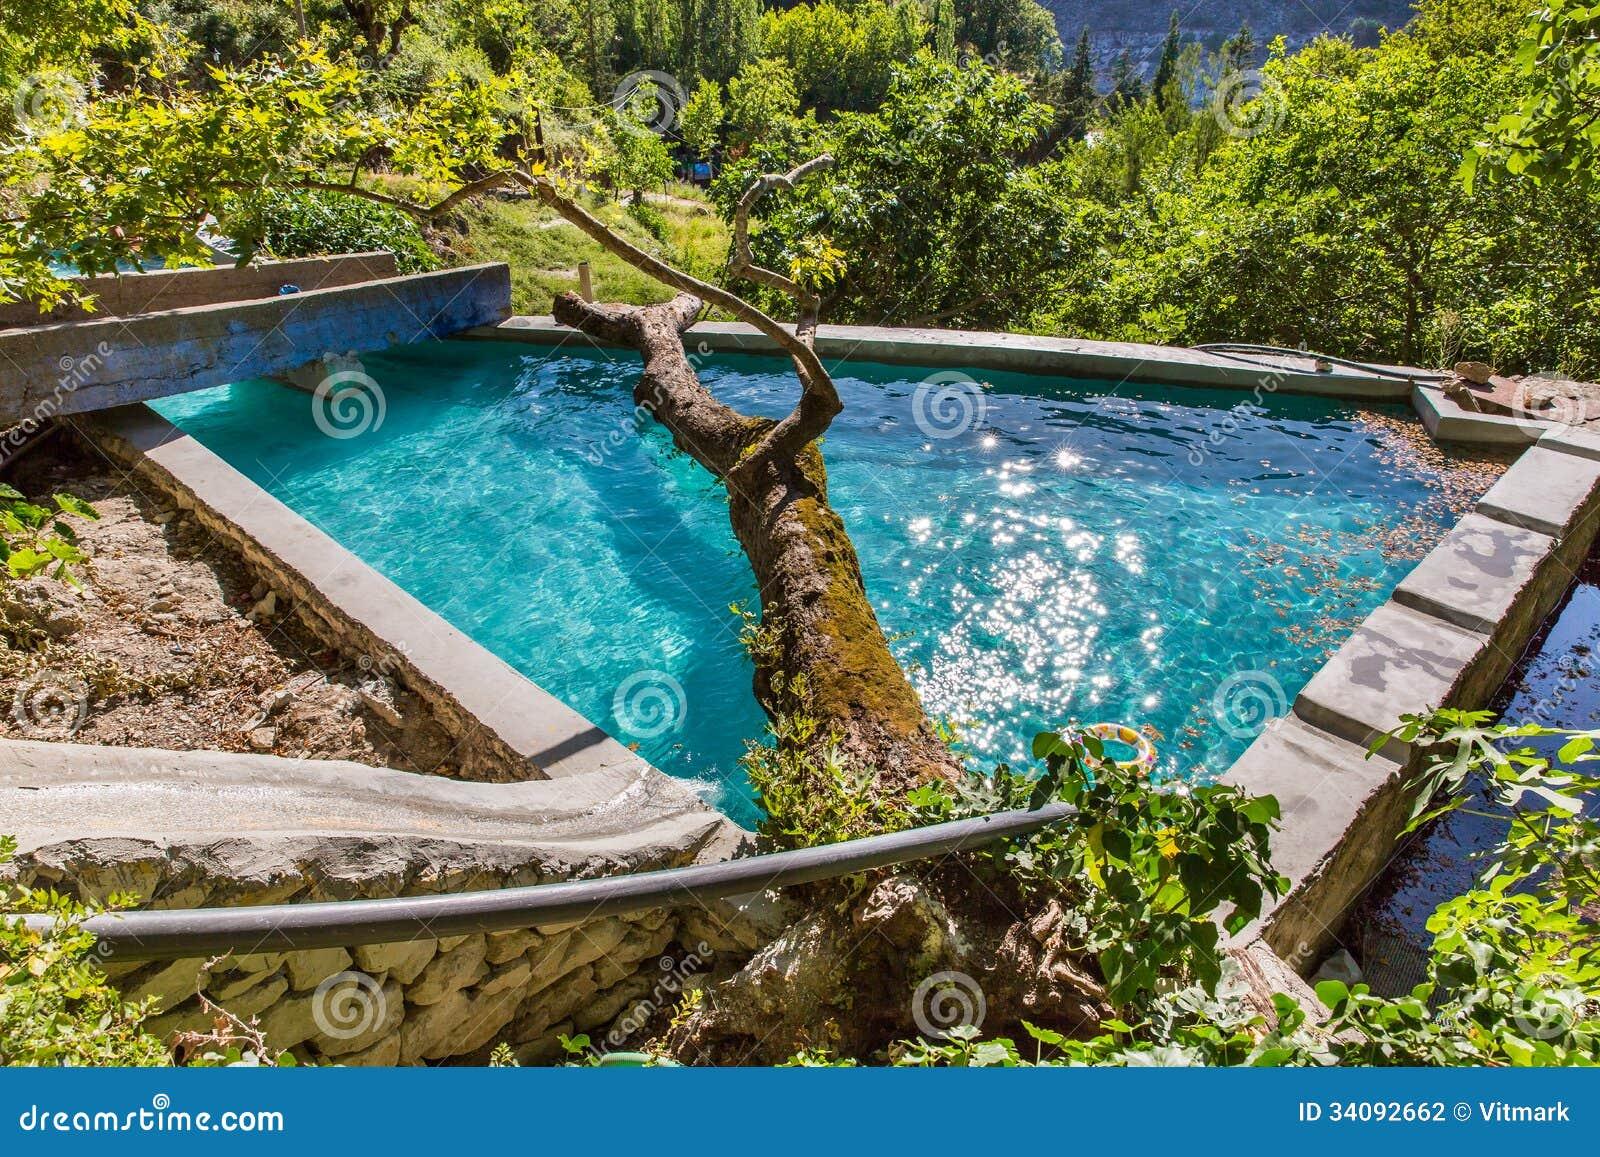 Gro er baum im swimmingpool im kleinen kretischen dorf in kreta insel griechenland - Swimmingpool klein ...